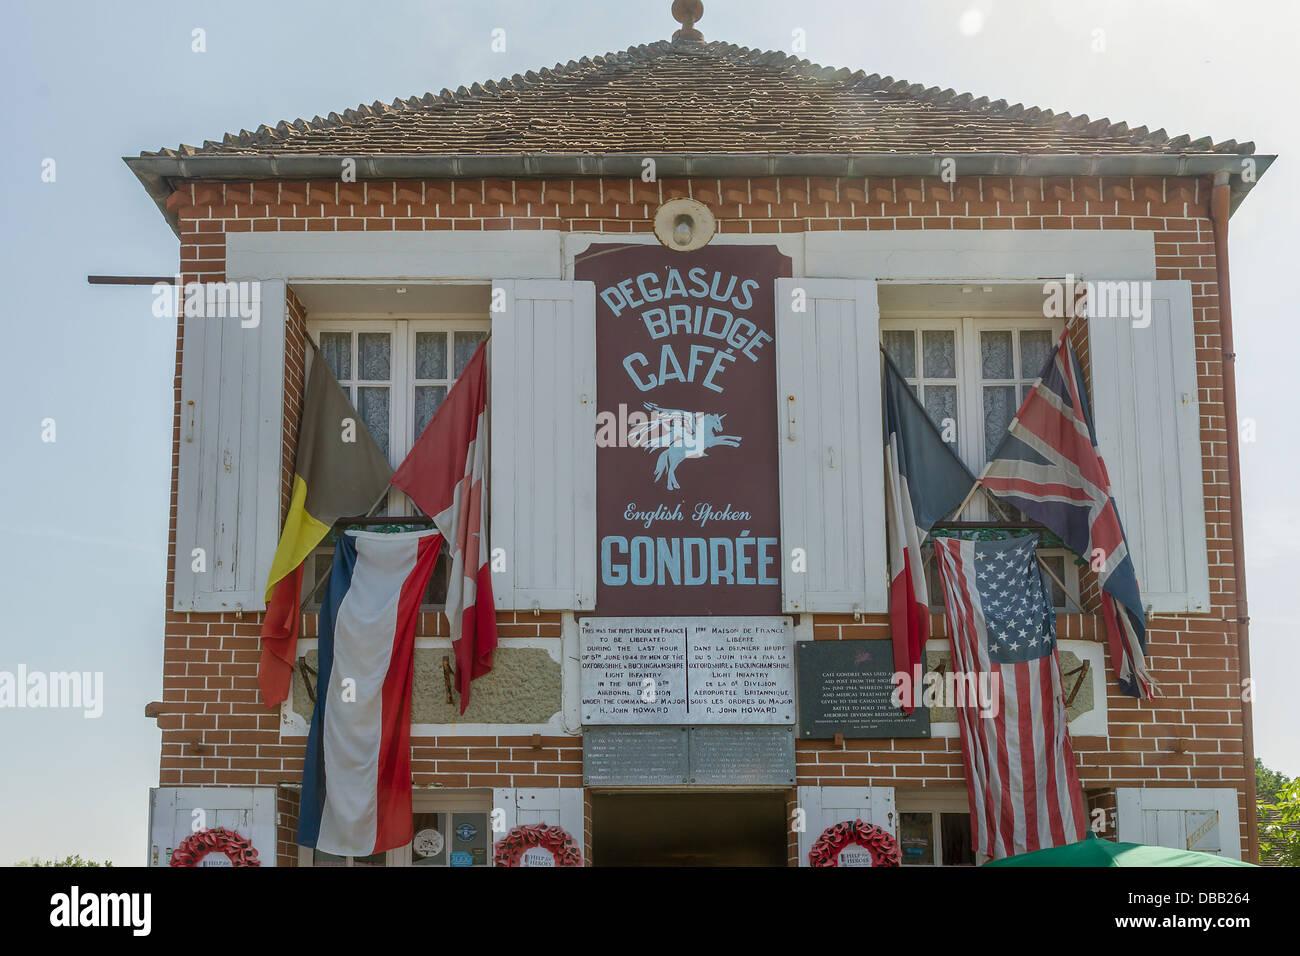 Frankreich Normandie, Batterie, Pegasus Brücke Café, erstes Gebäude am d-Day befreit zu werden Stockbild